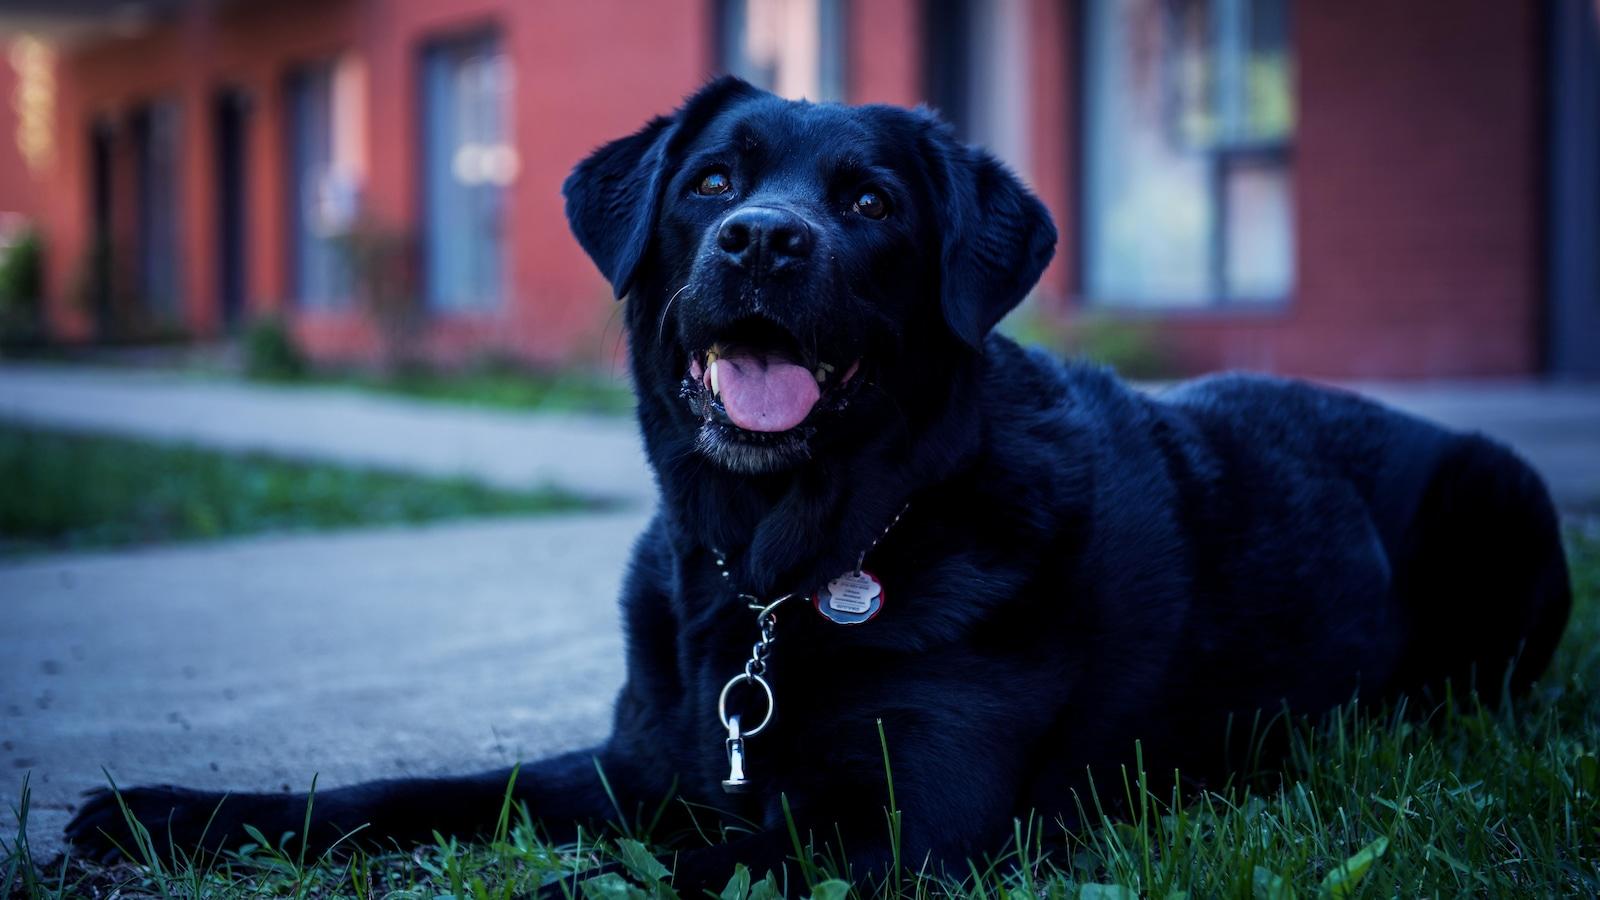 Ghia, la chienne d'Alison Levine, est couchée dans l'herbe.